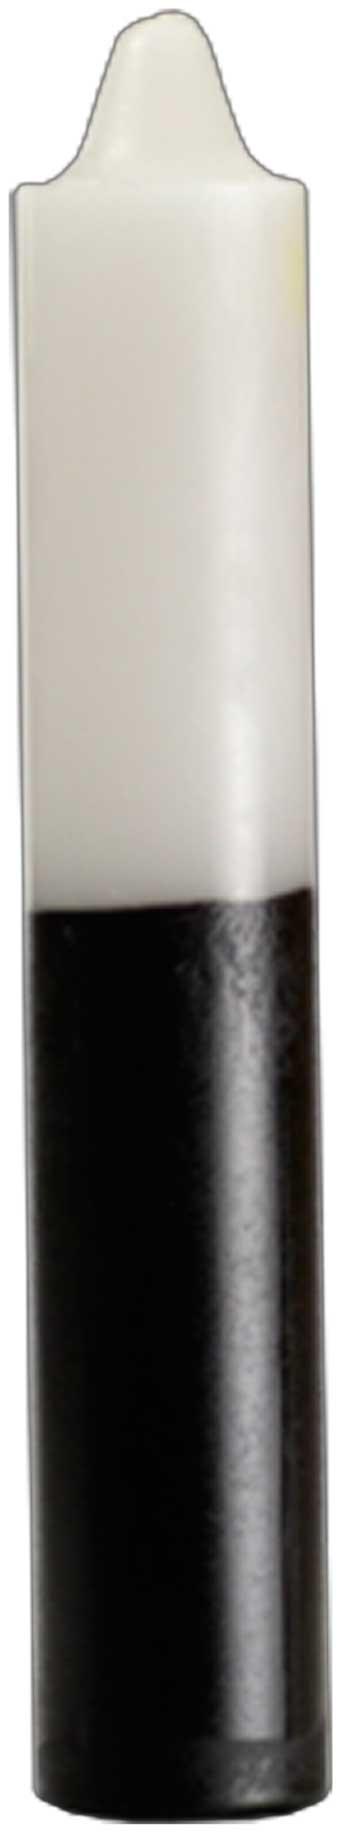 """9"""" White- Black Jumbo Candle"""